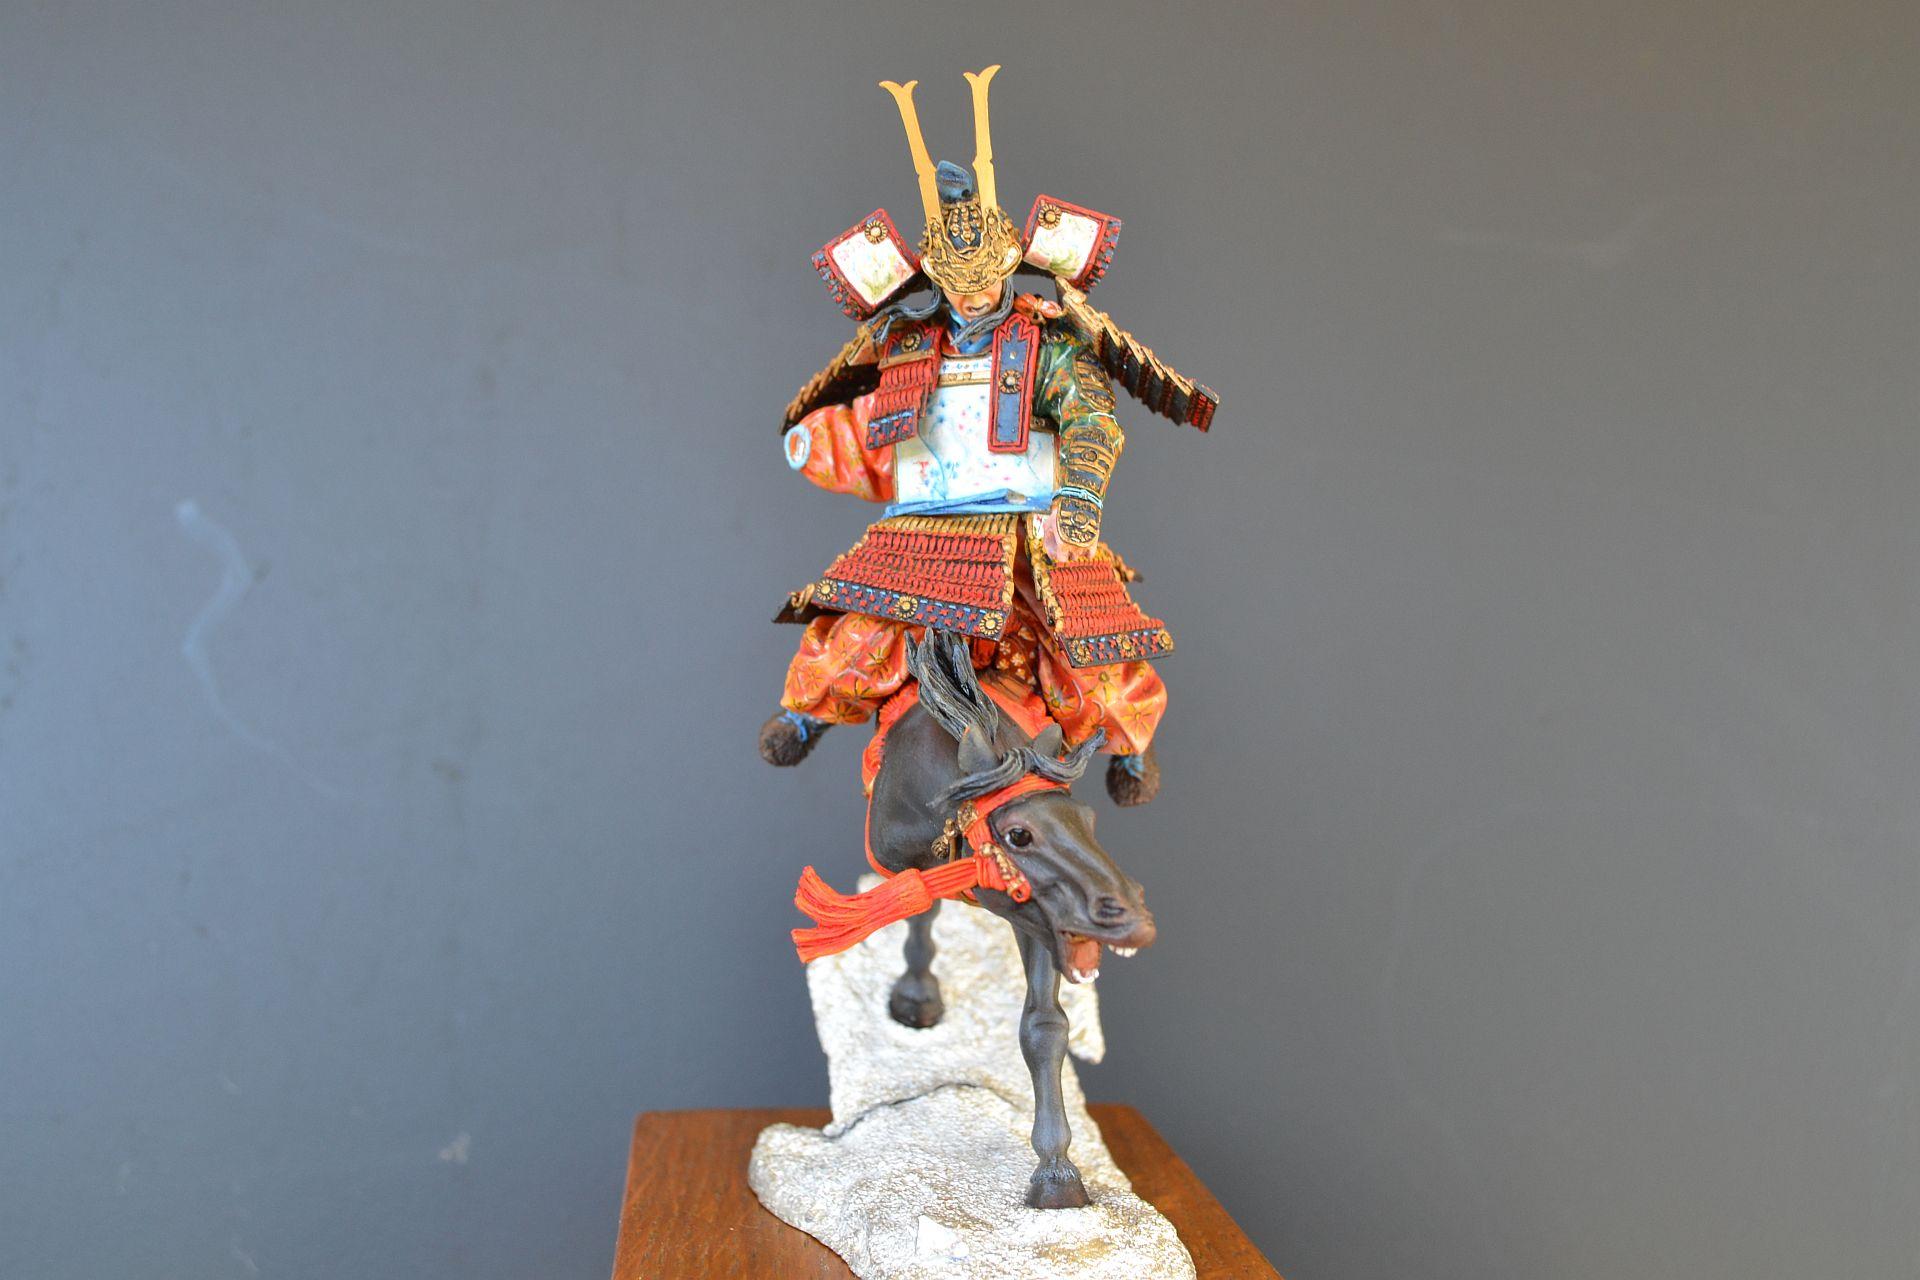 figurine pegaso - samouraï 90 mm - Page 3 160807053847255745